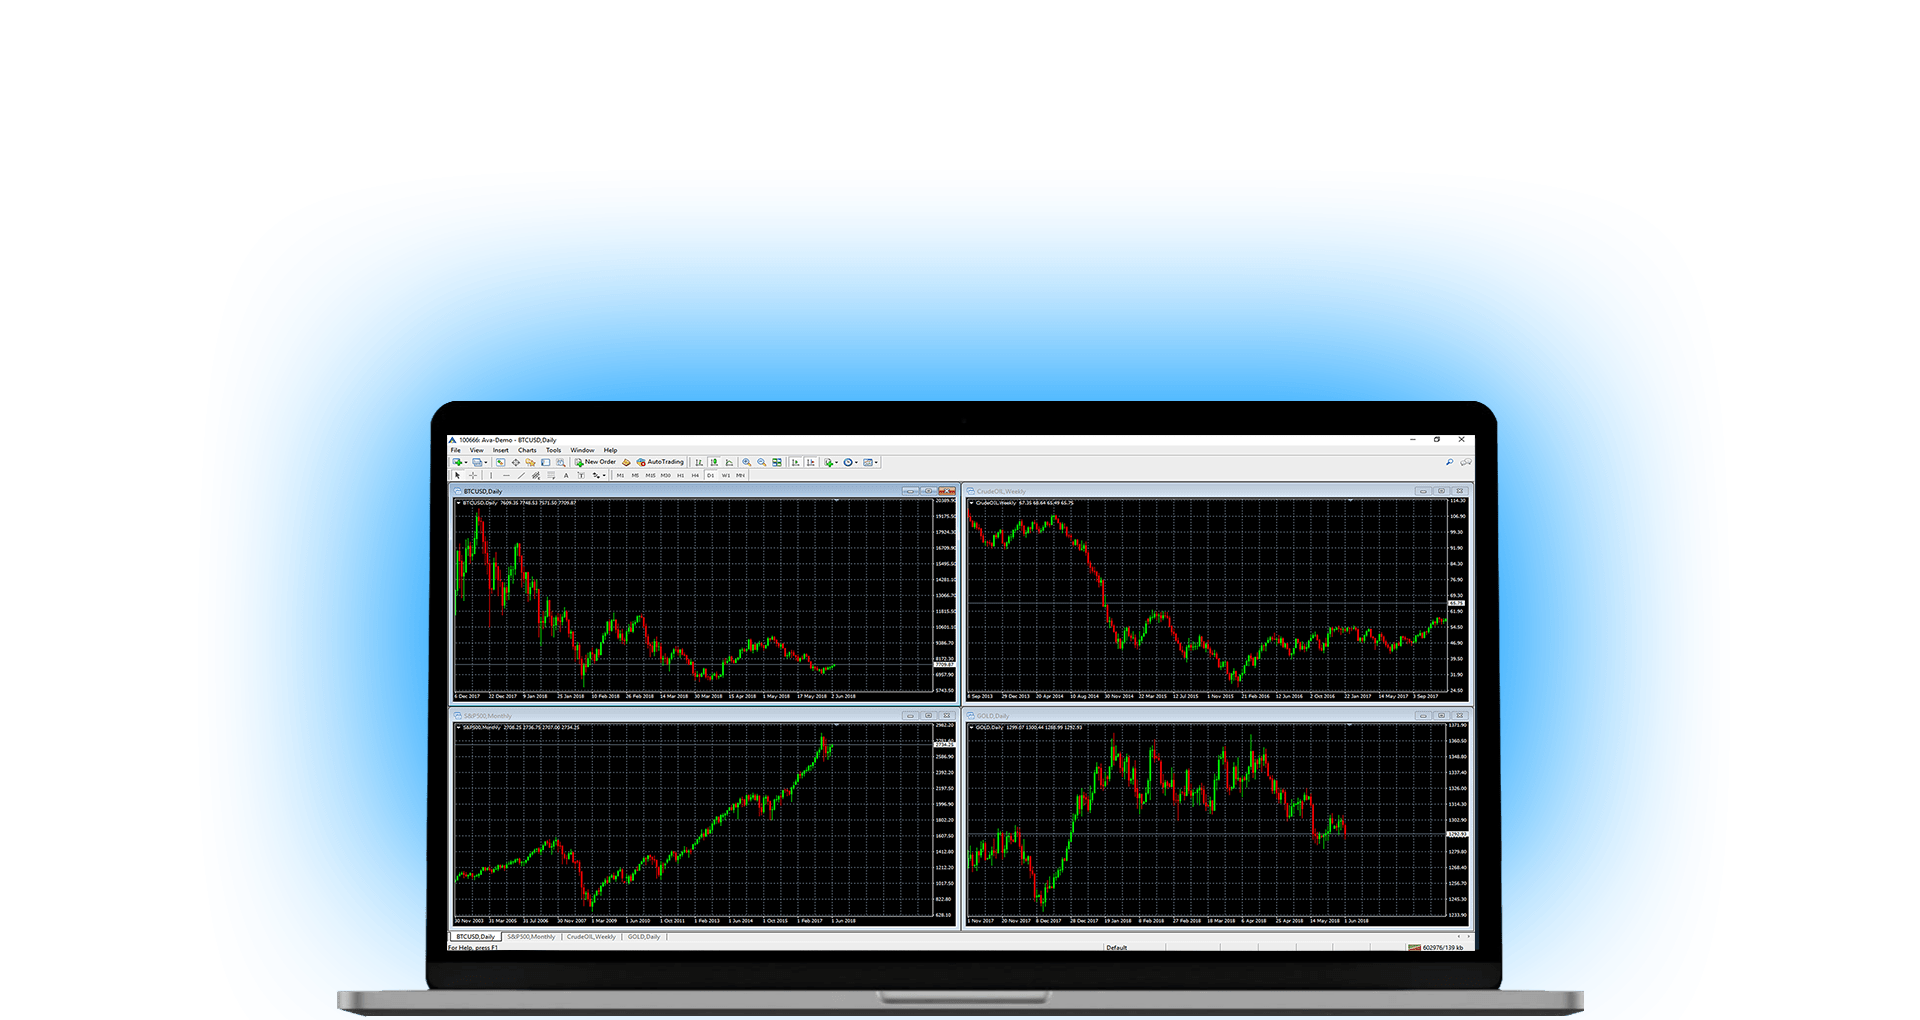 metatrader 4 descarcă Windows 7